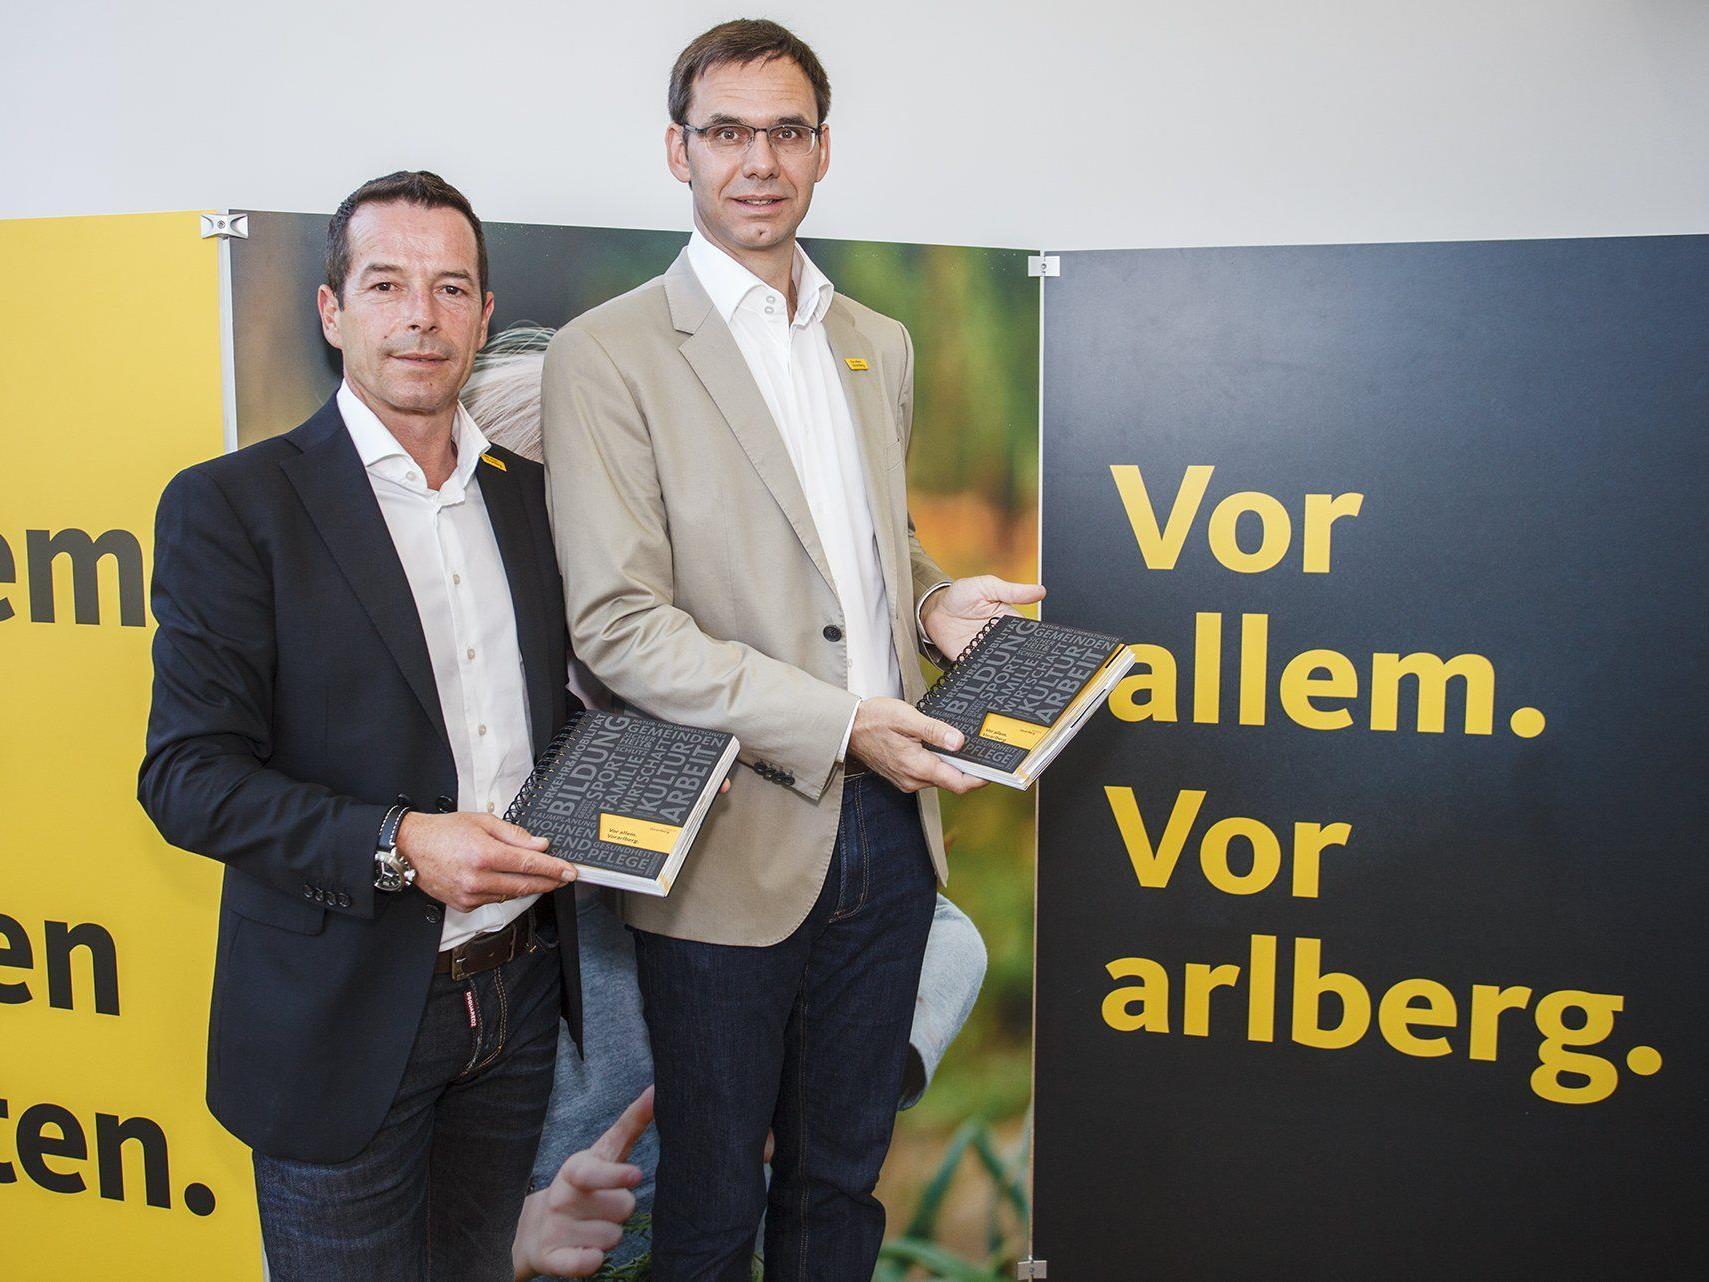 LH Wallner präsentierte gemeinsam mit VP-Landesgeschäftsführer Wetz das Wahlprogramm der Vorarlberger Volkspartei für die Landtagswahl.